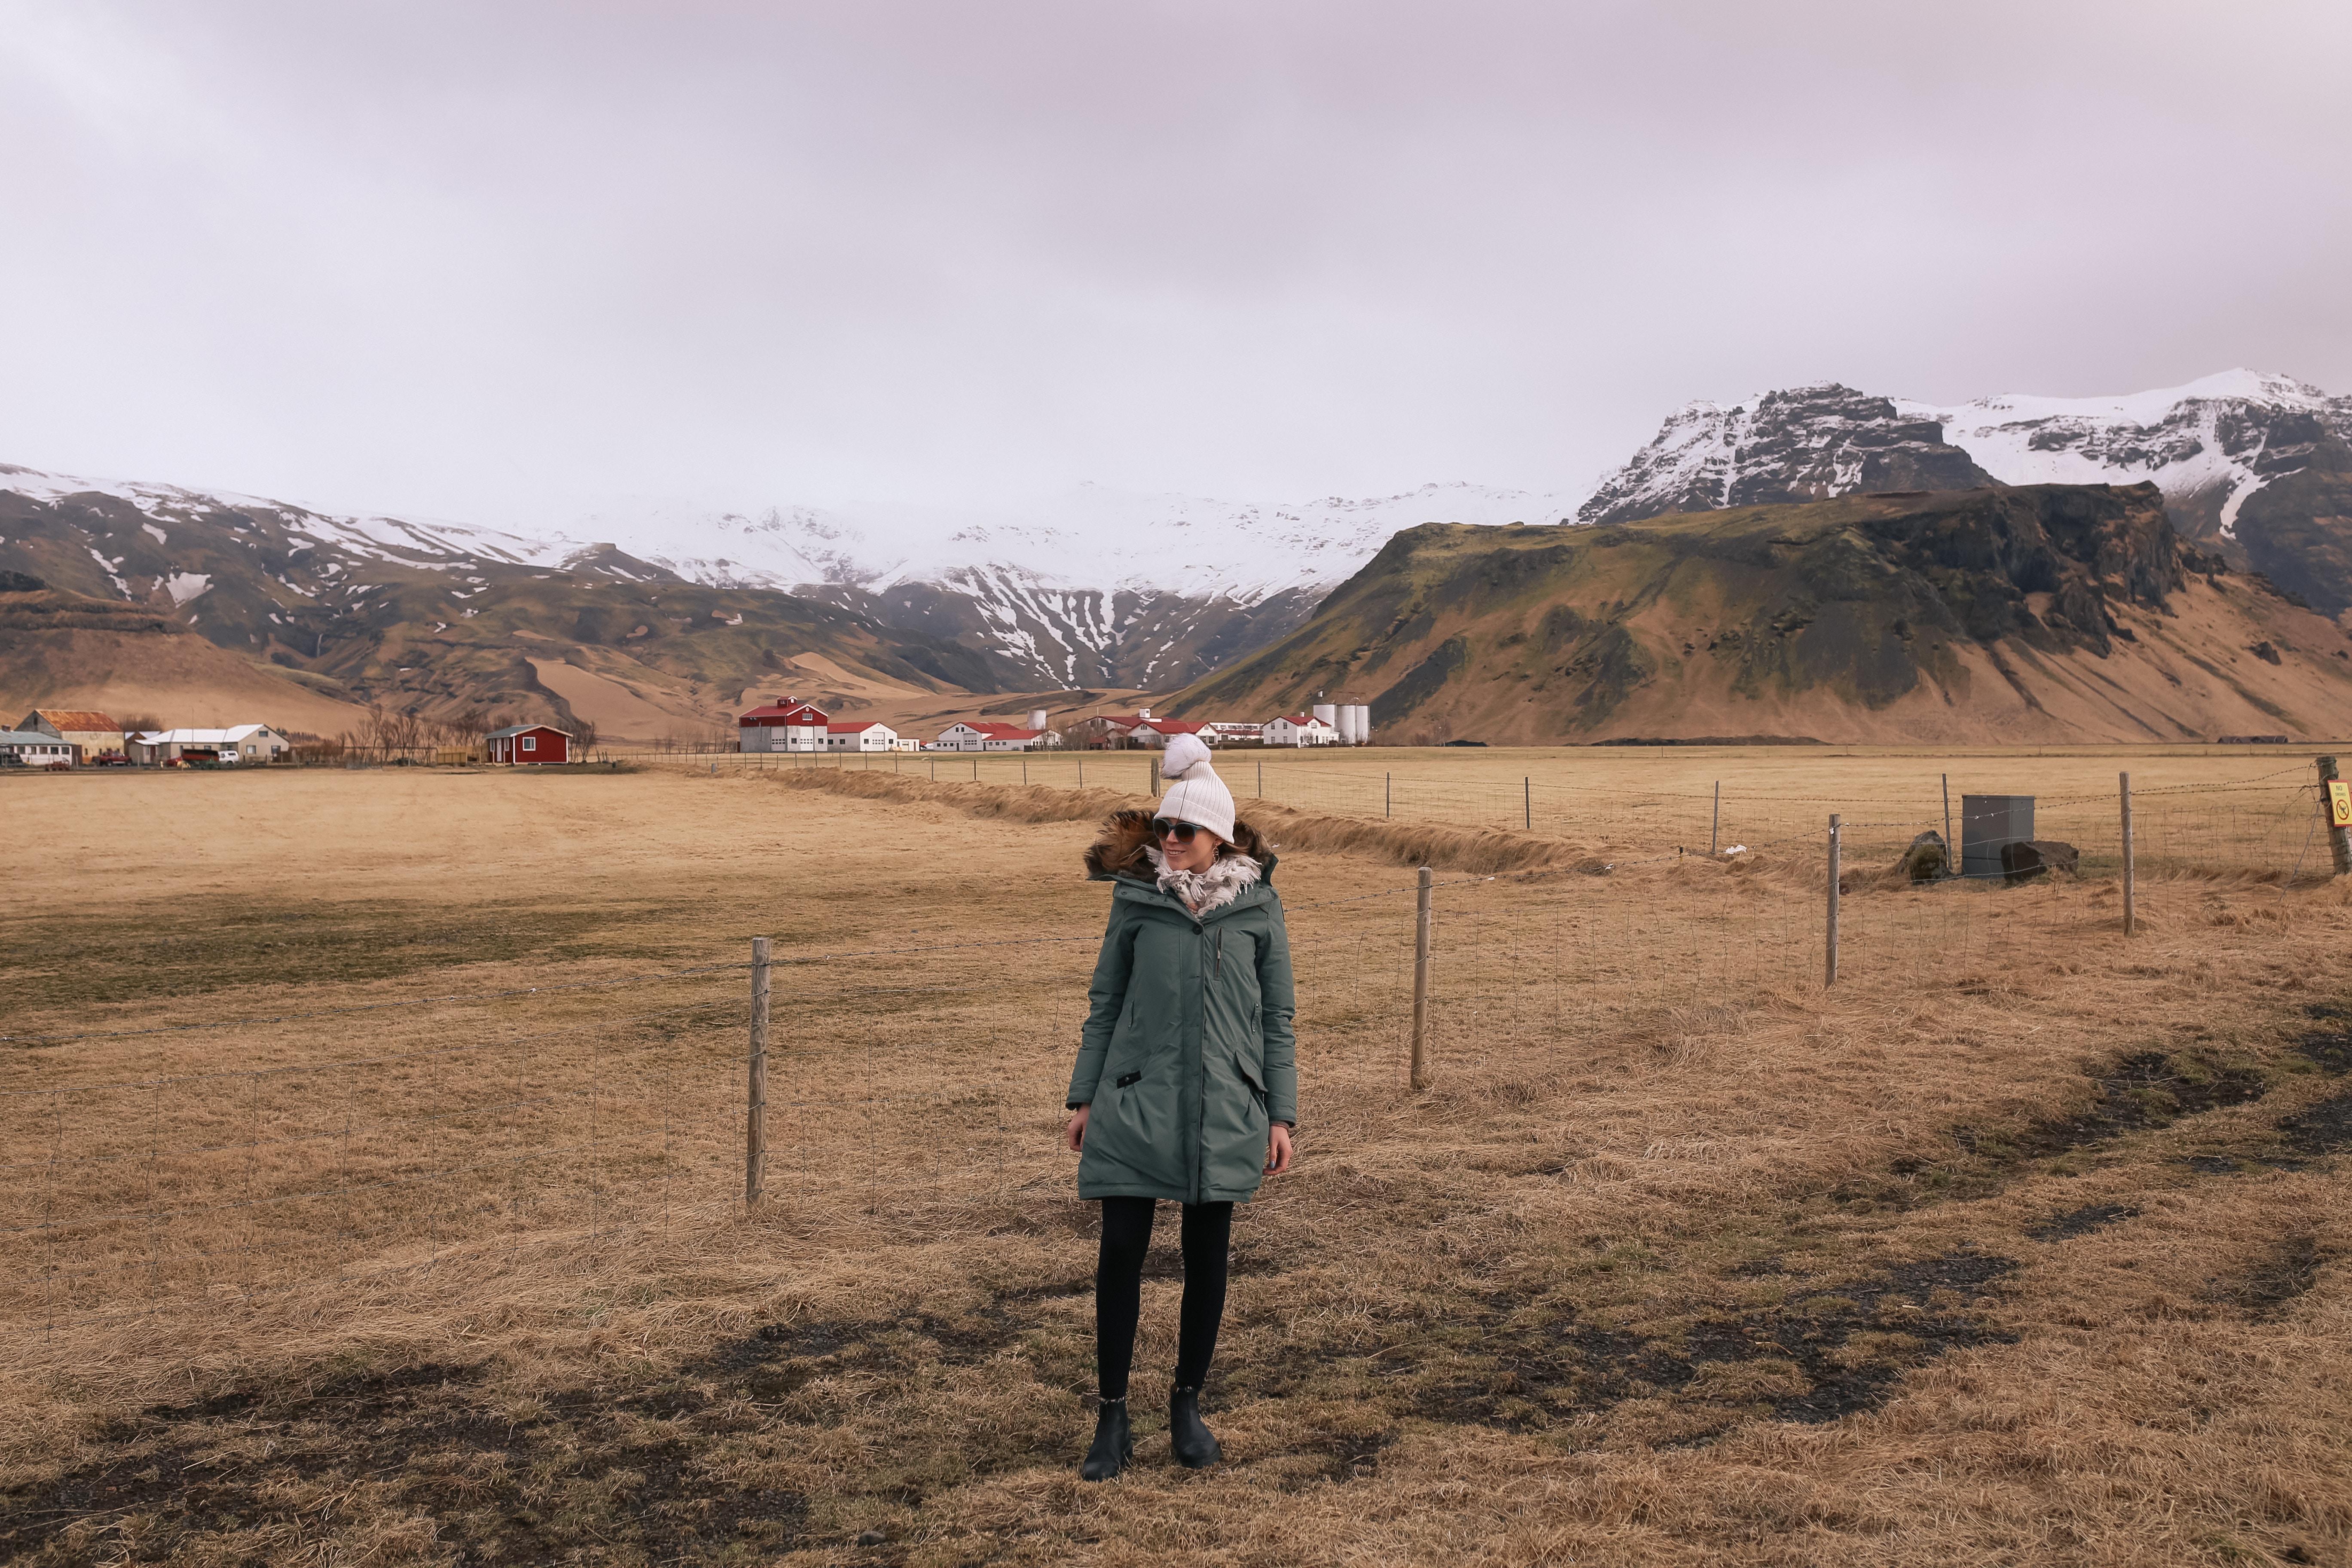 Eyjafjallajökull volcano in South Iceland